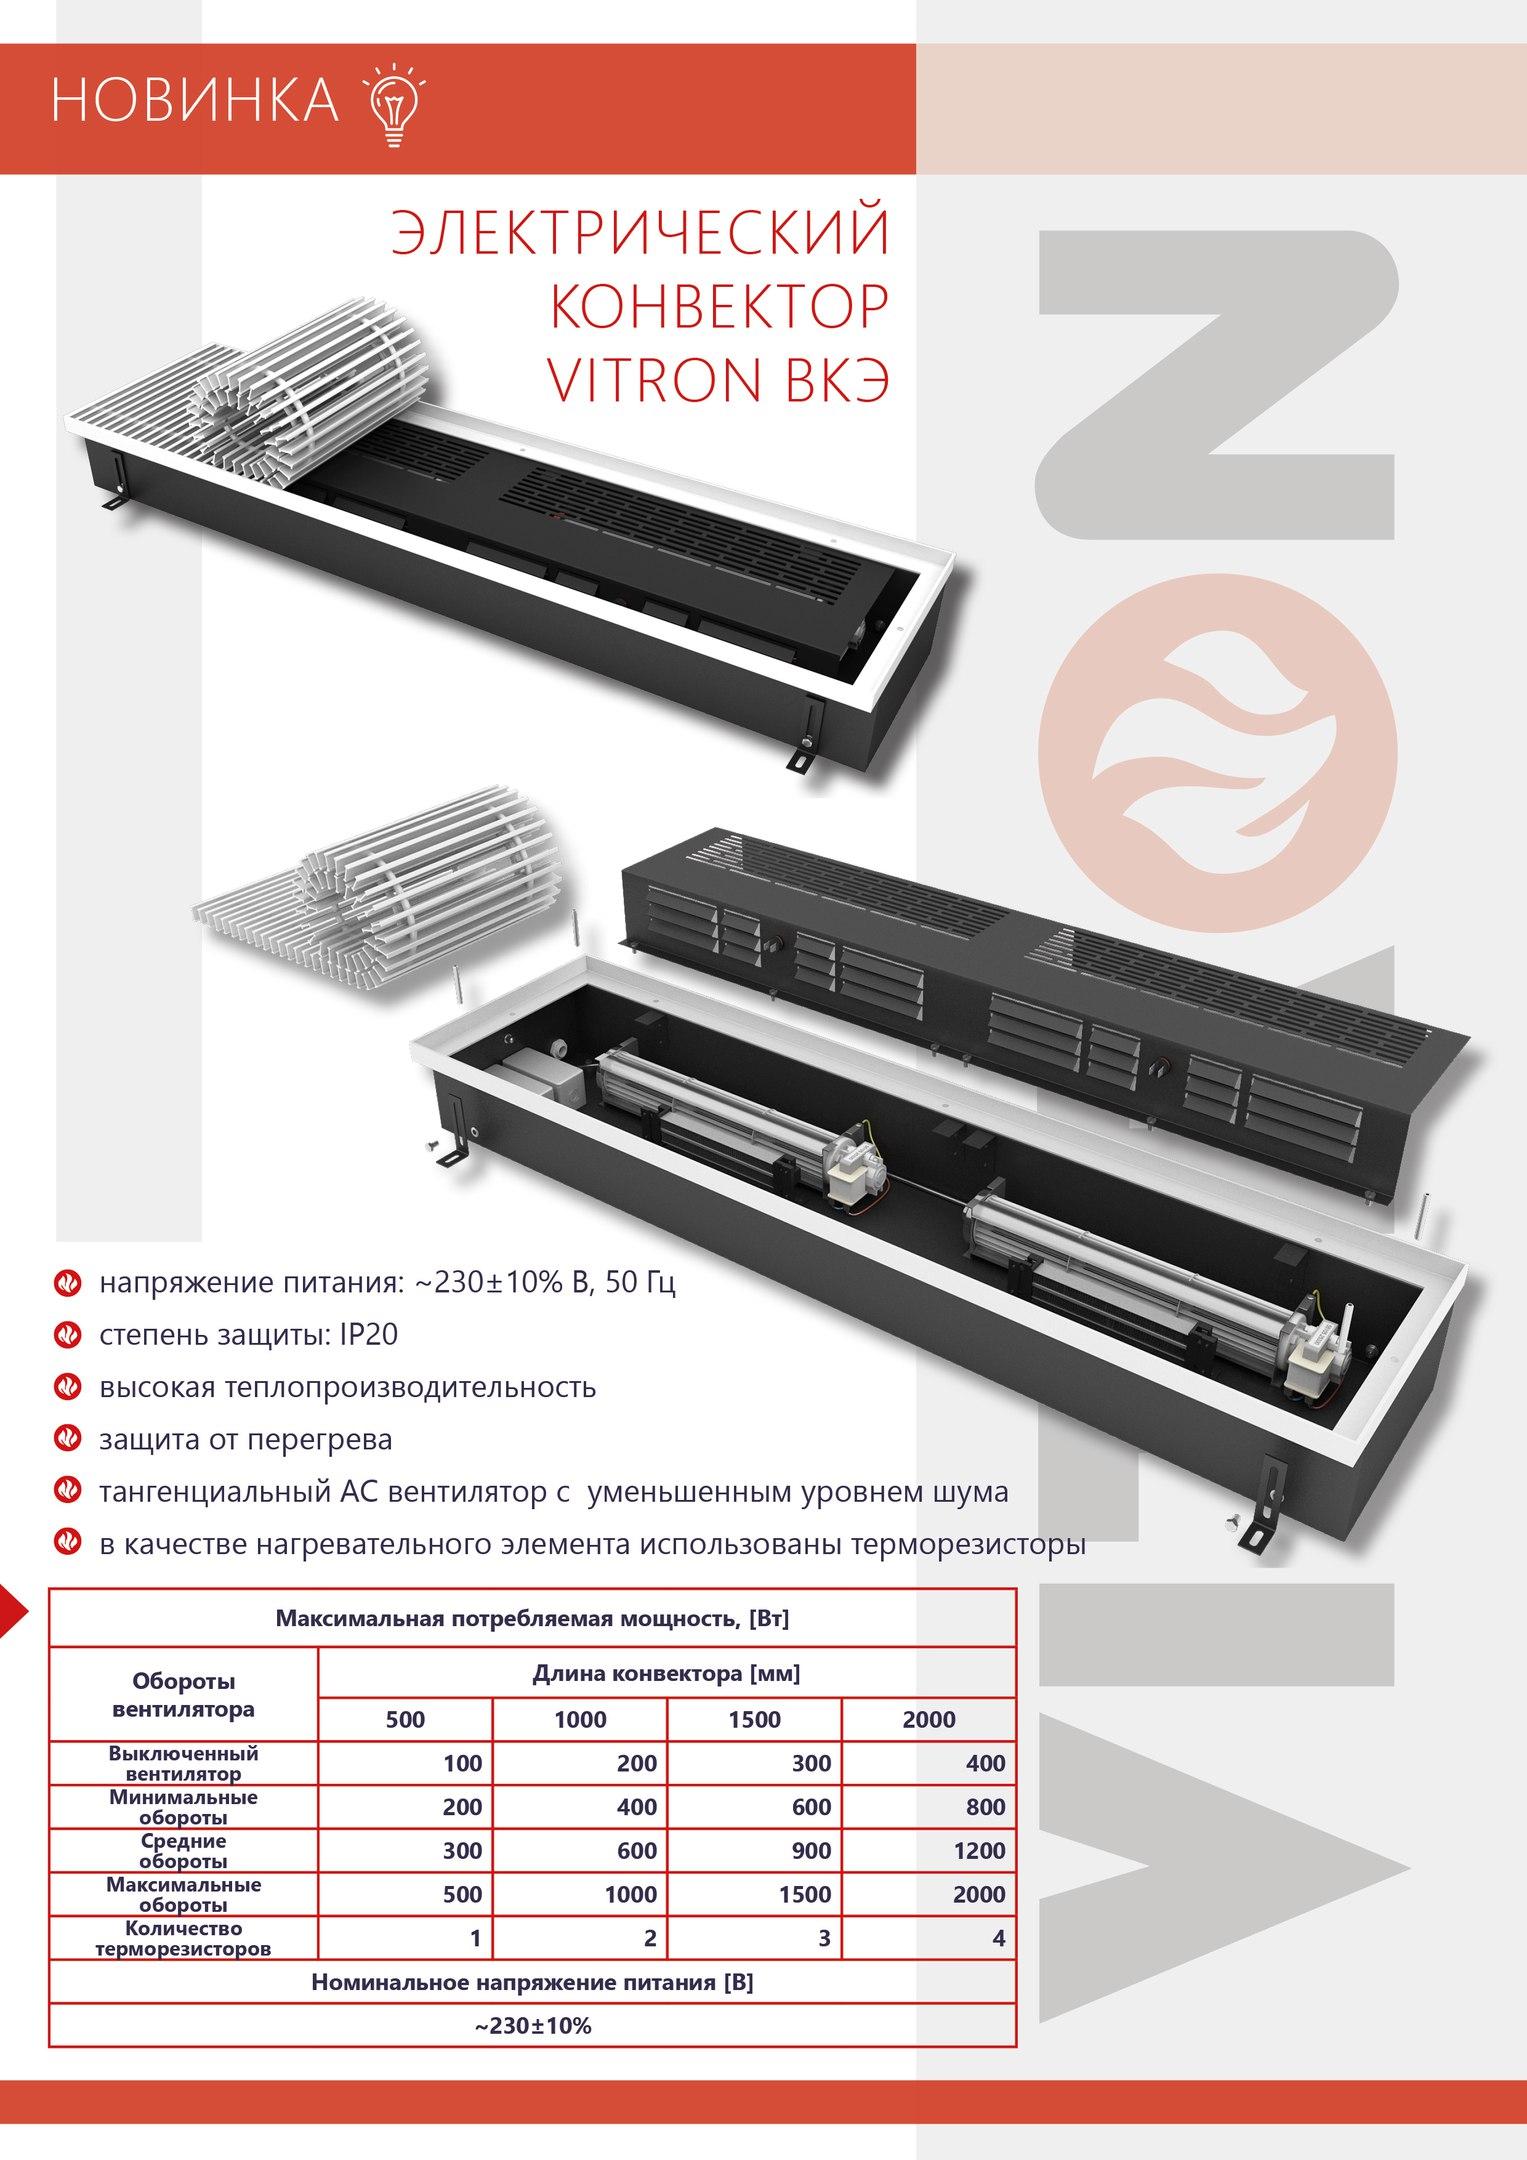 Внутрипольный электричекий конвектор VITRON